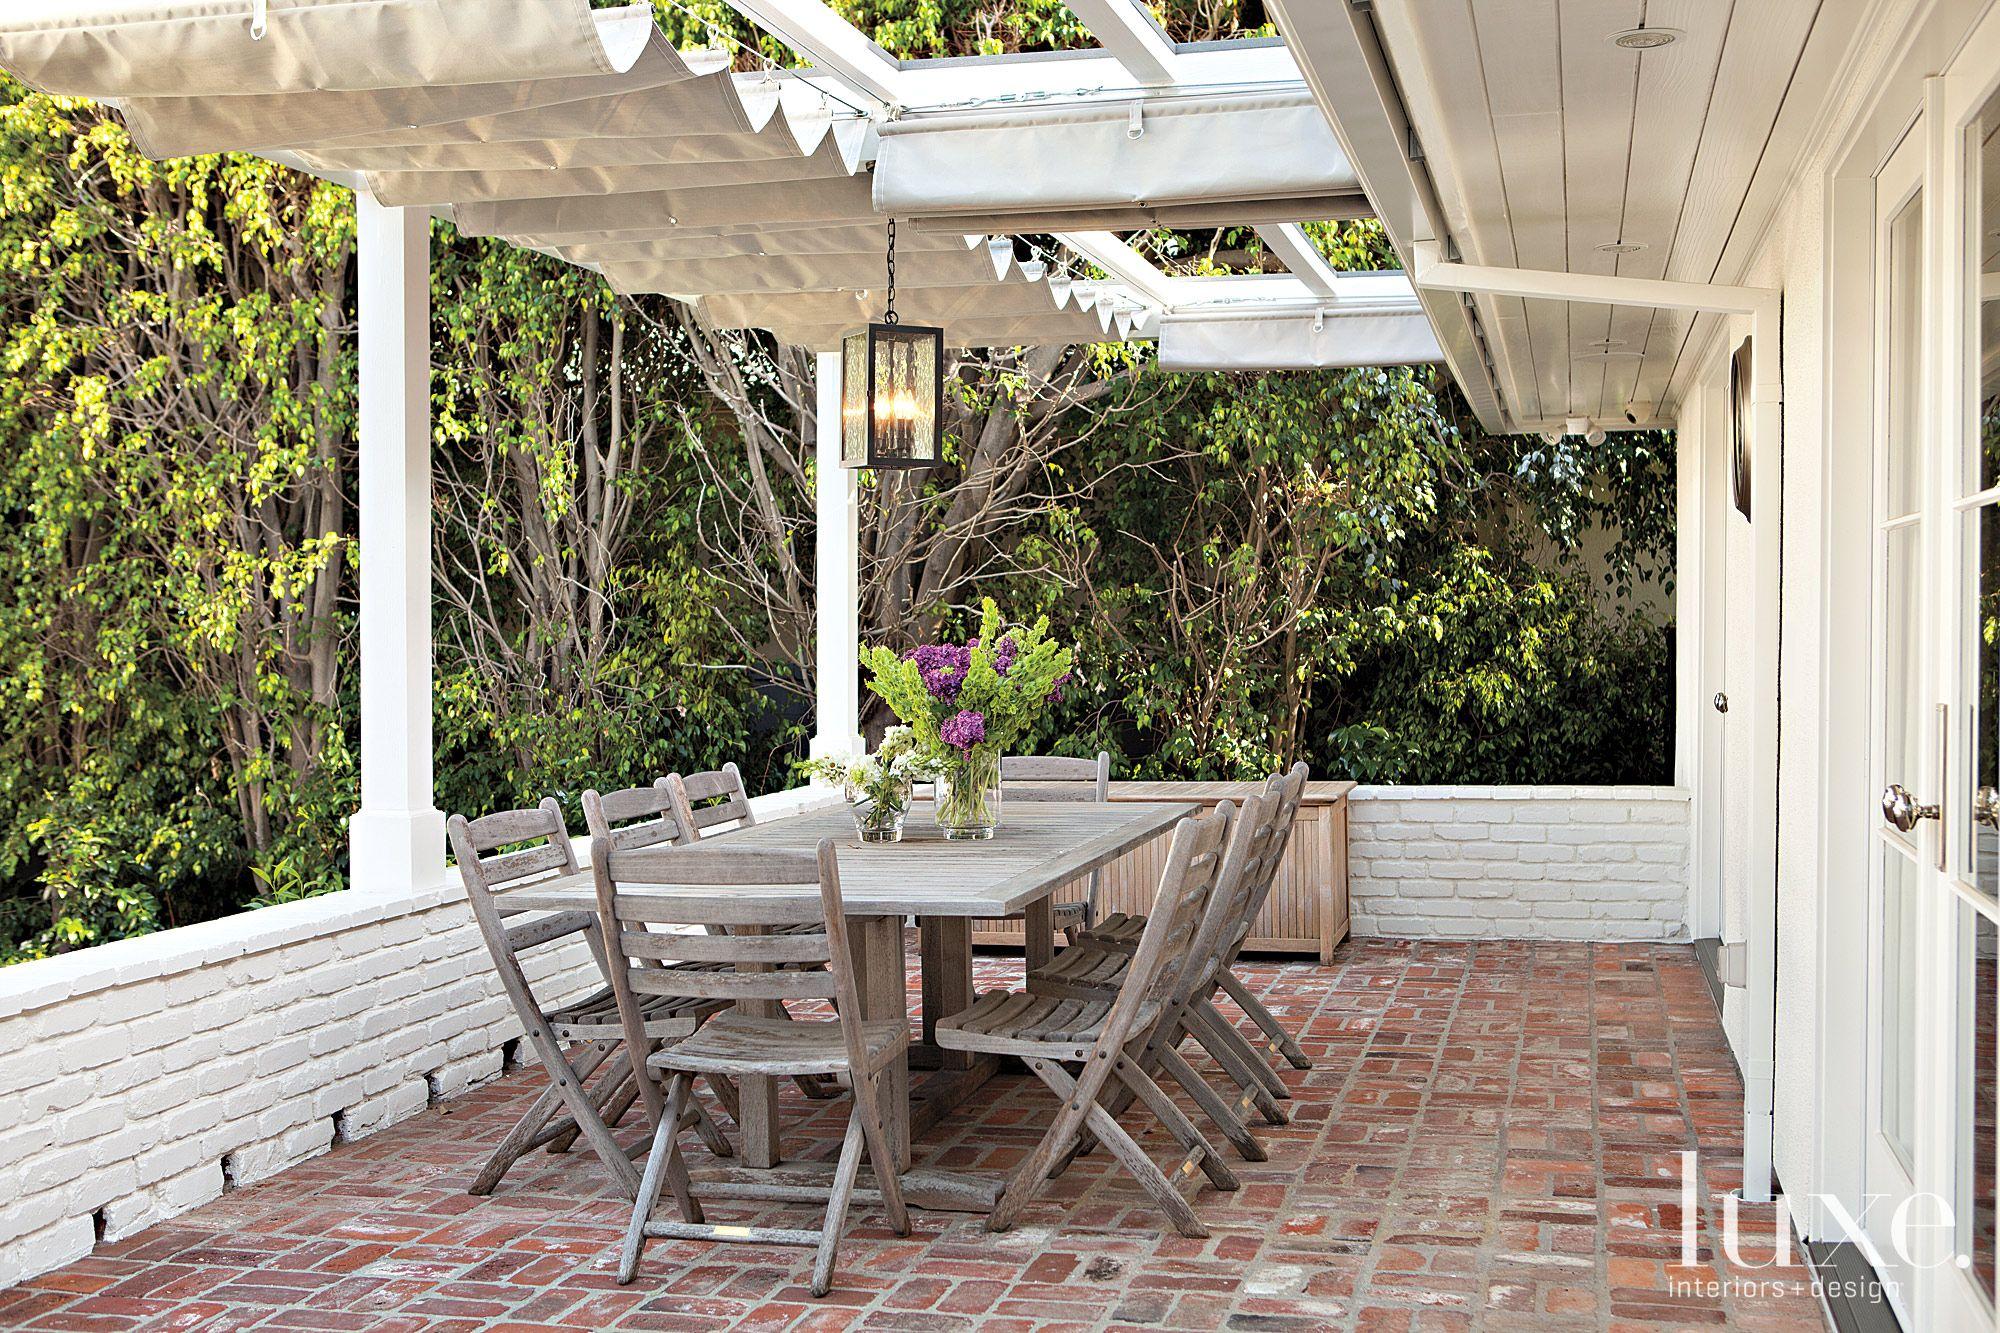 Brick terrace